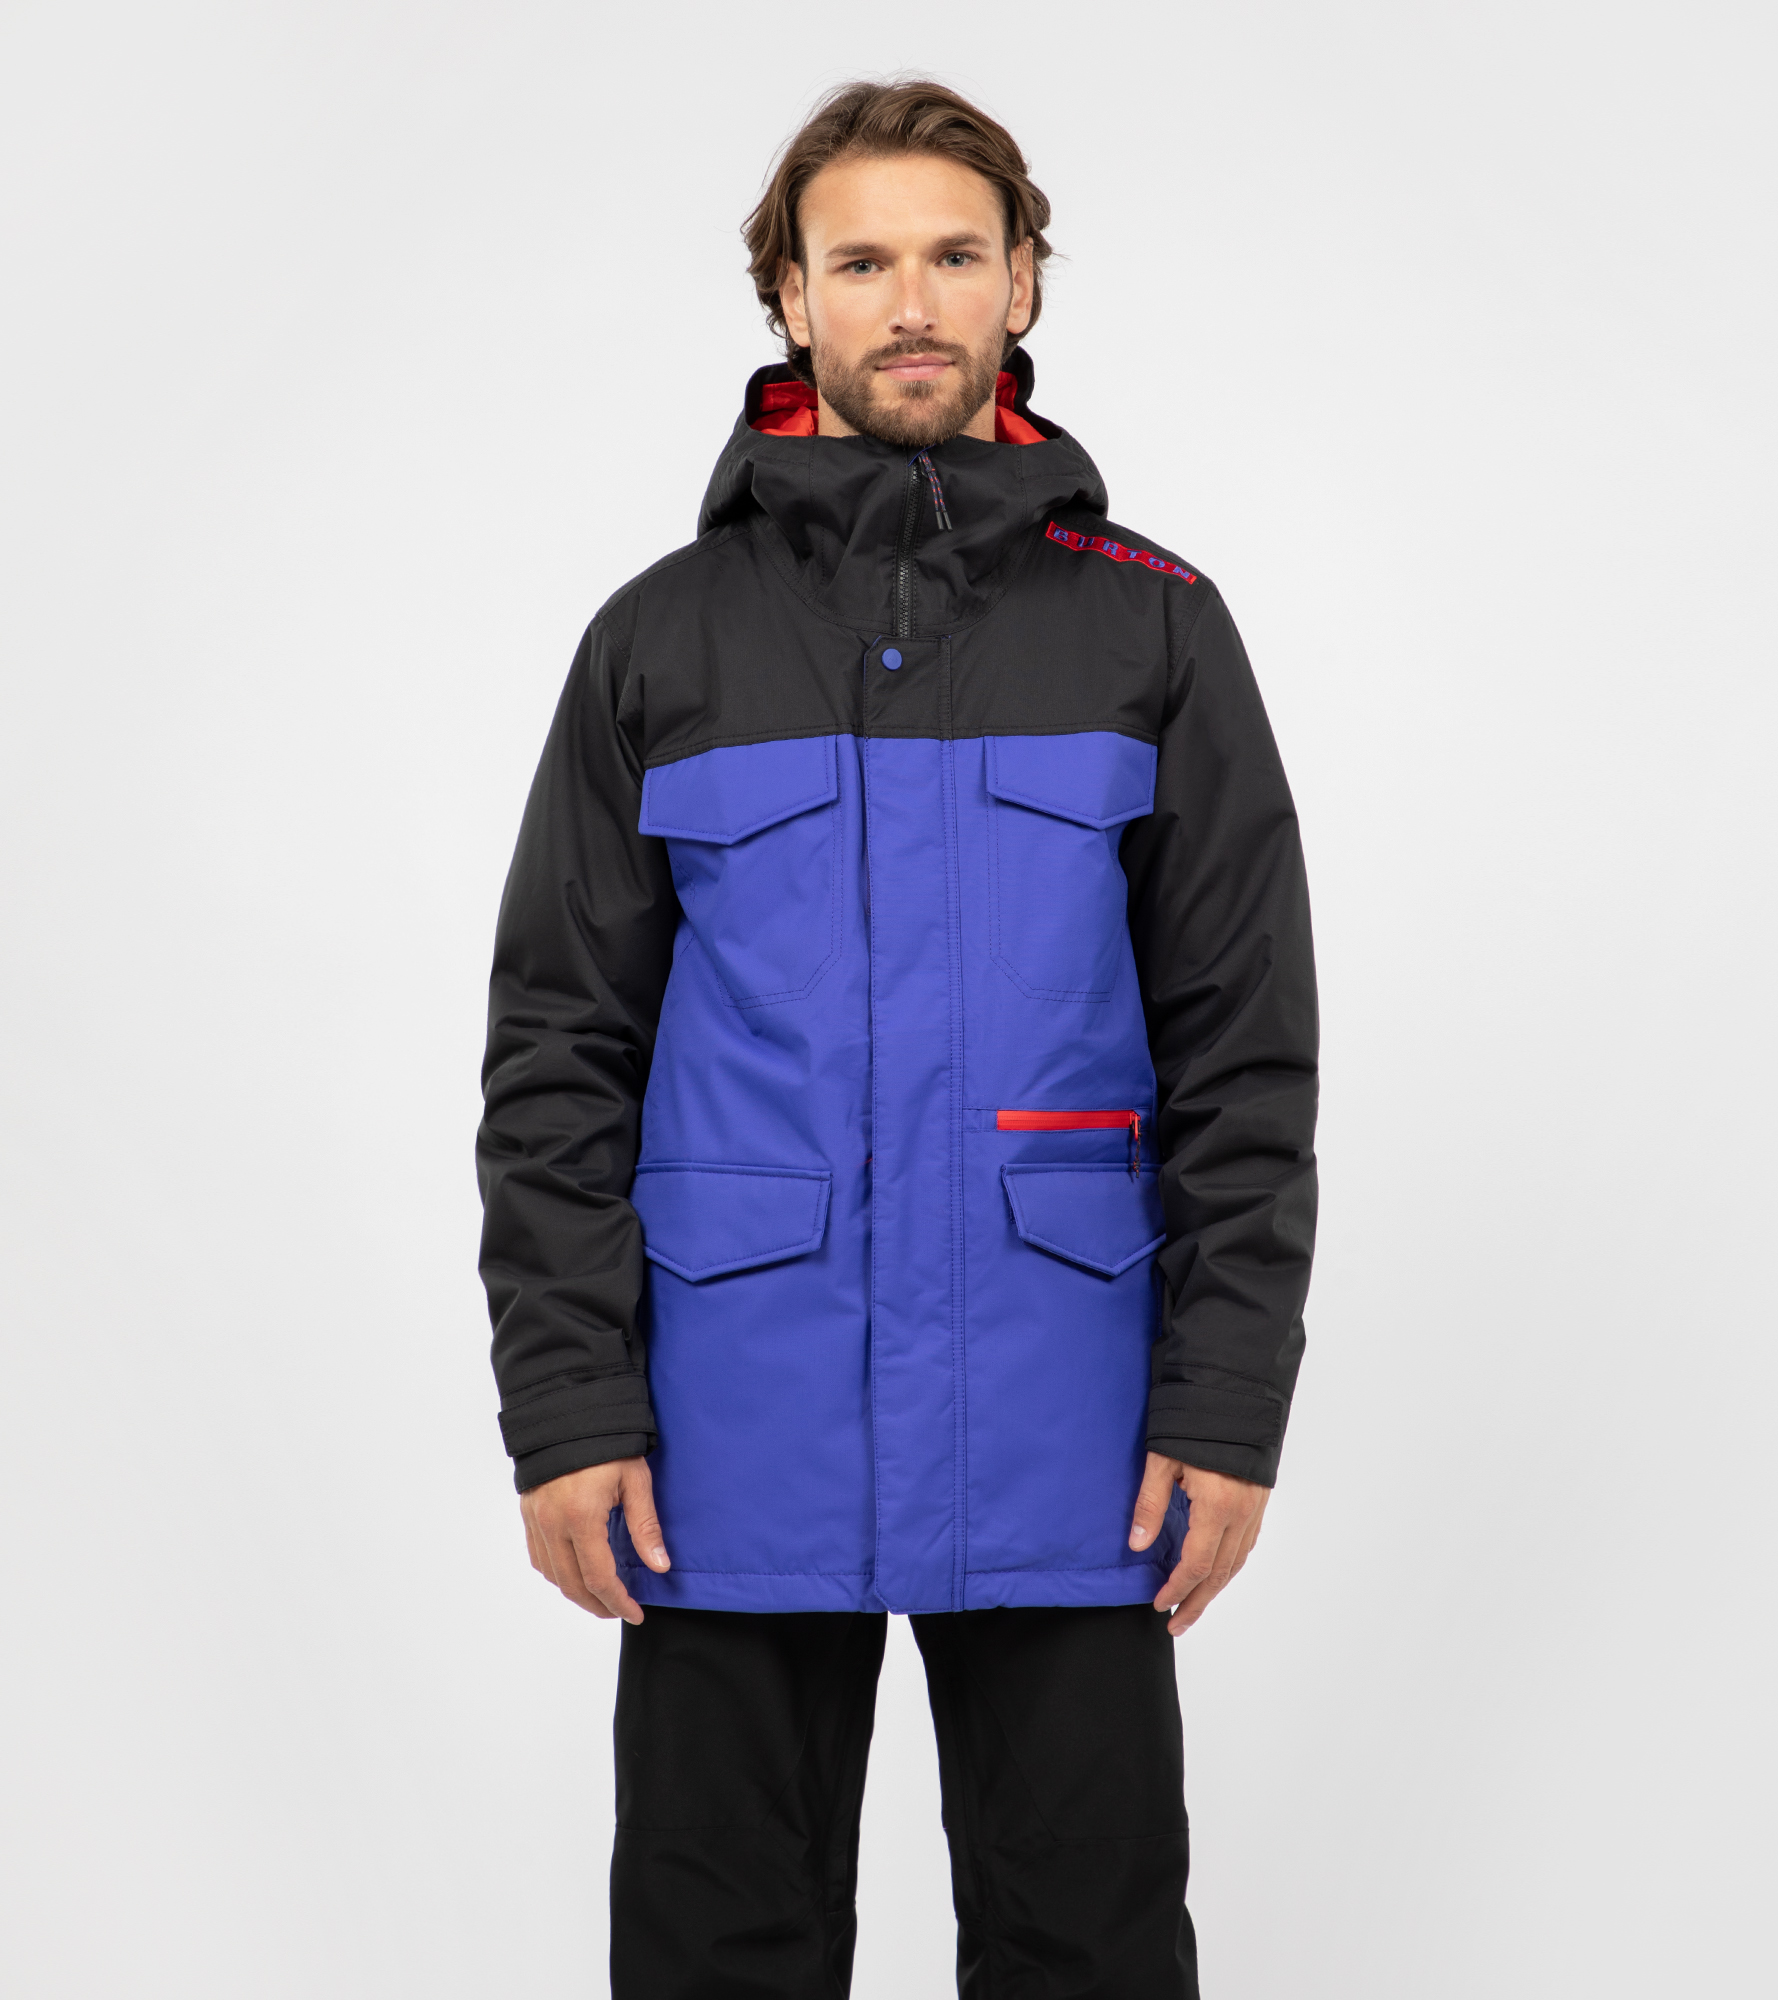 цена на Burton Куртка утепленная мужская Burton Covert, размер 50-52